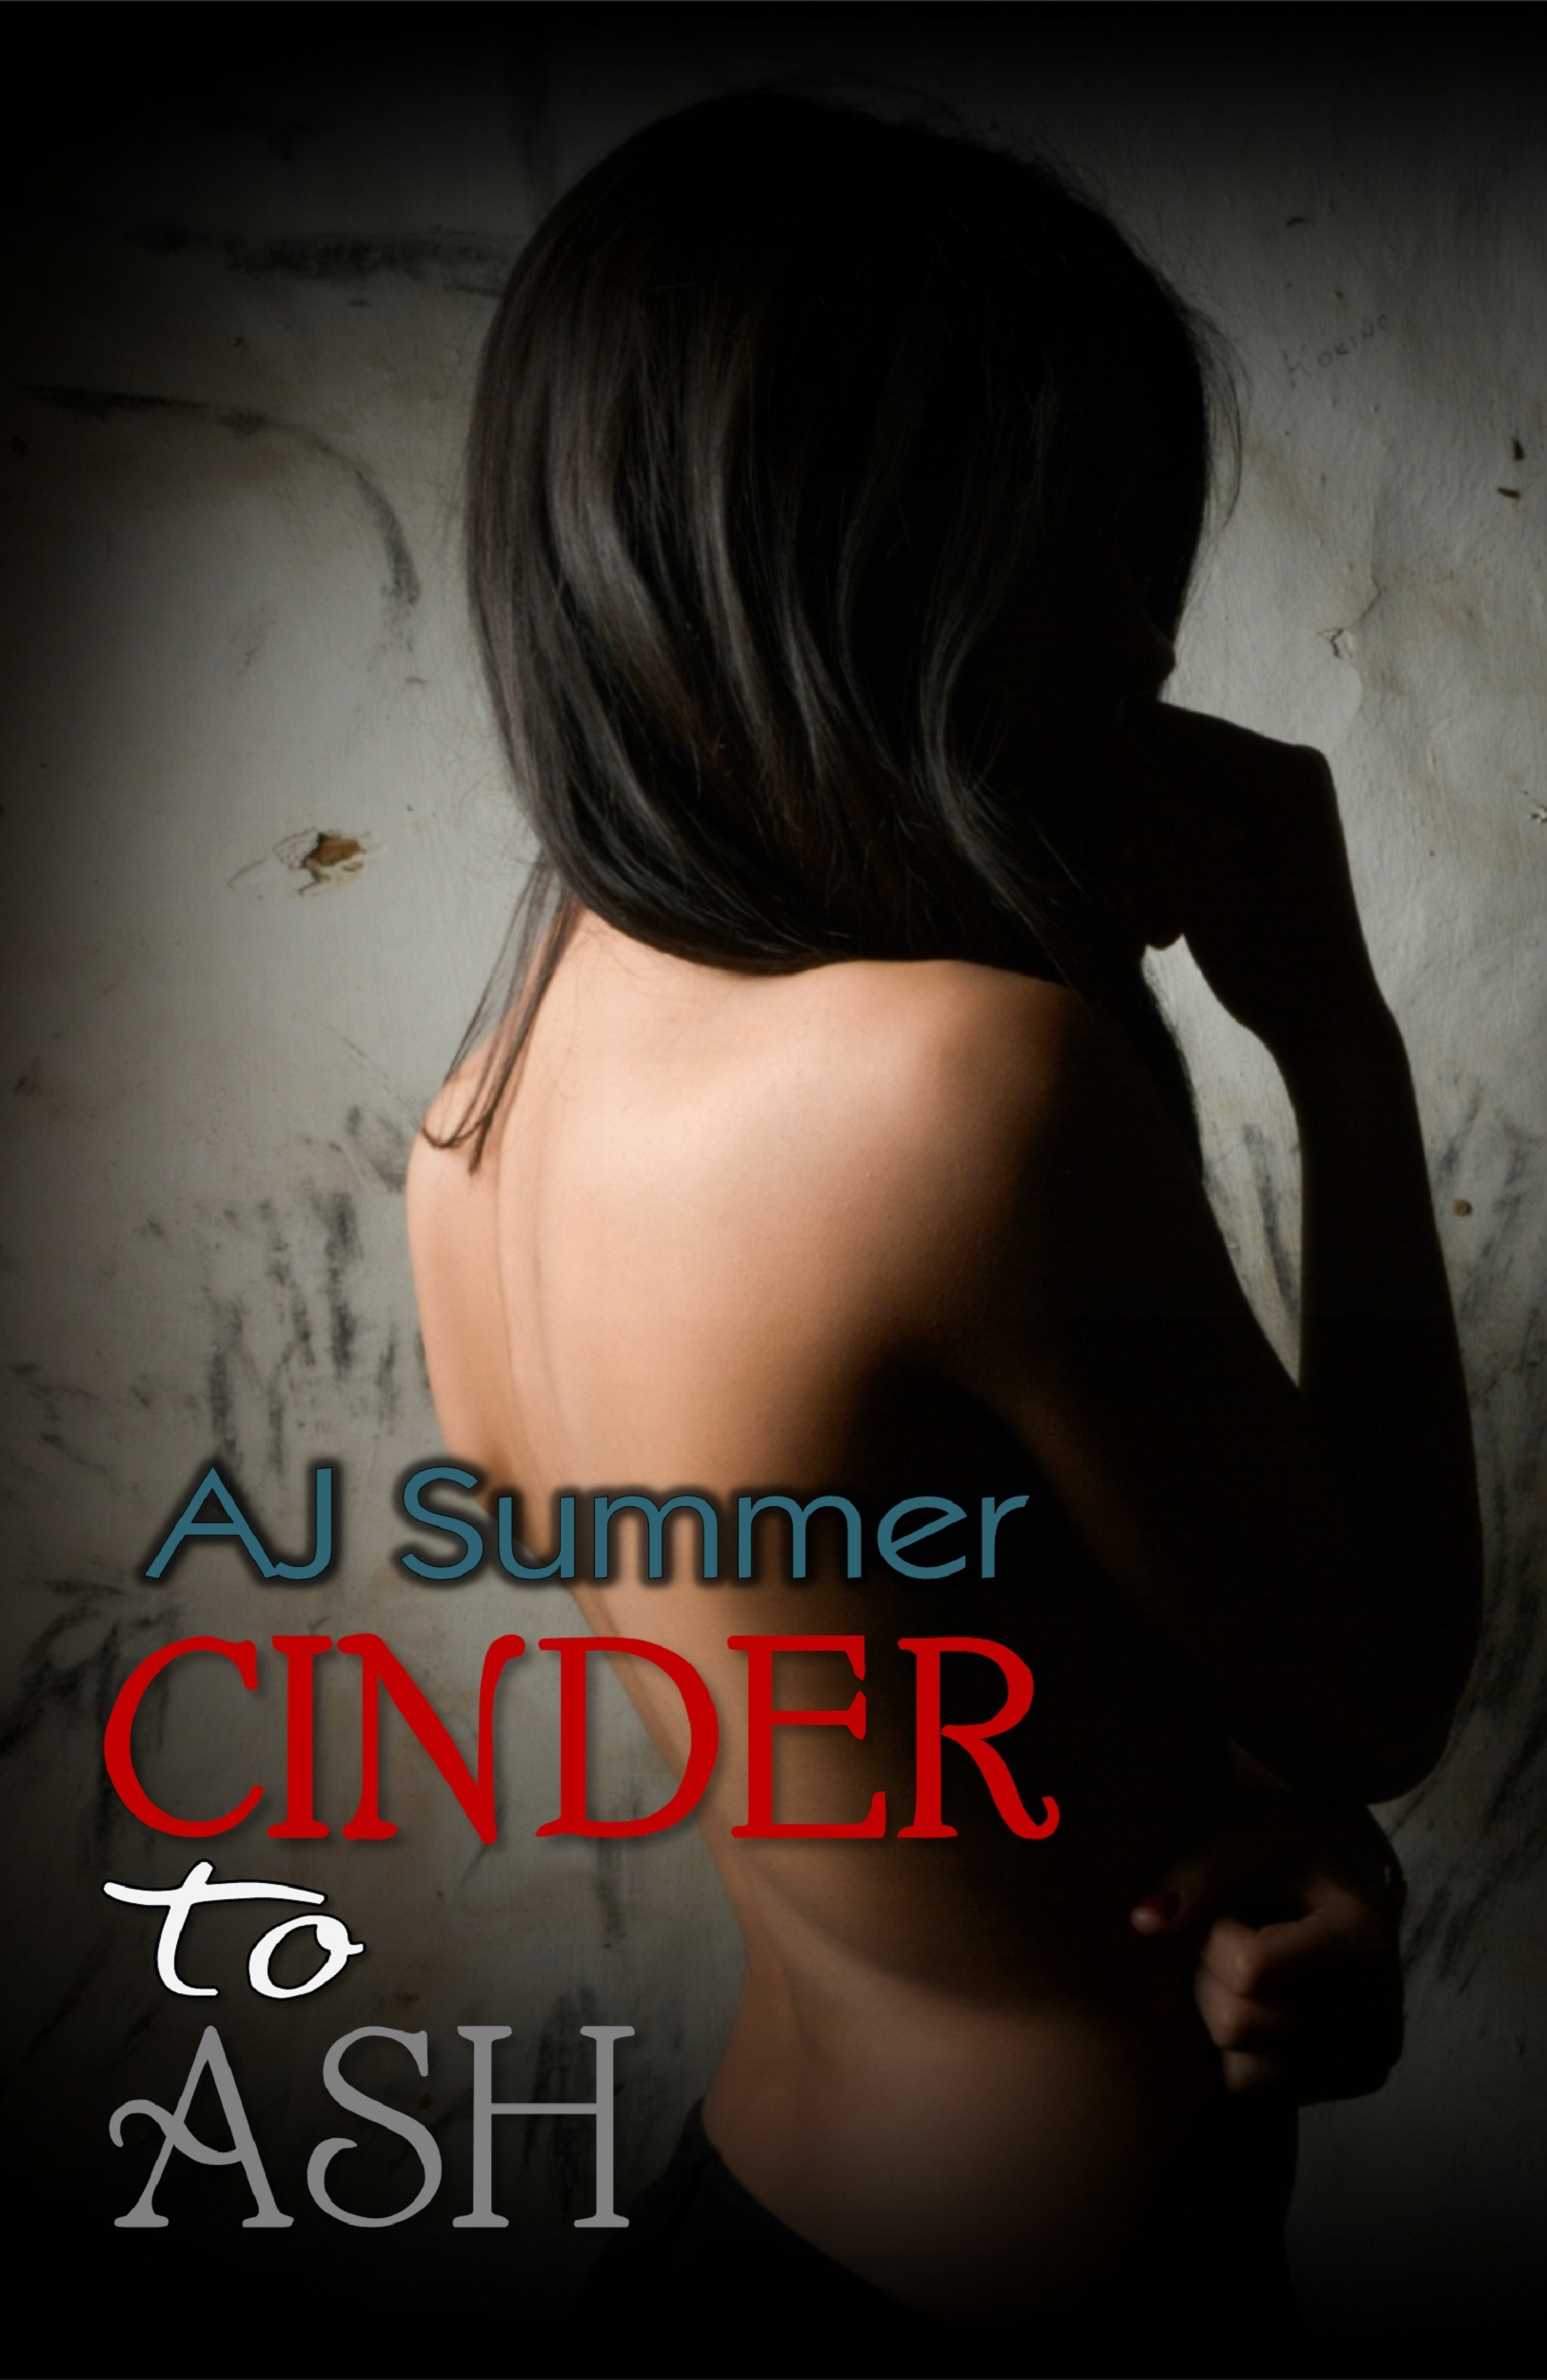 Cinder to Ash ebook design